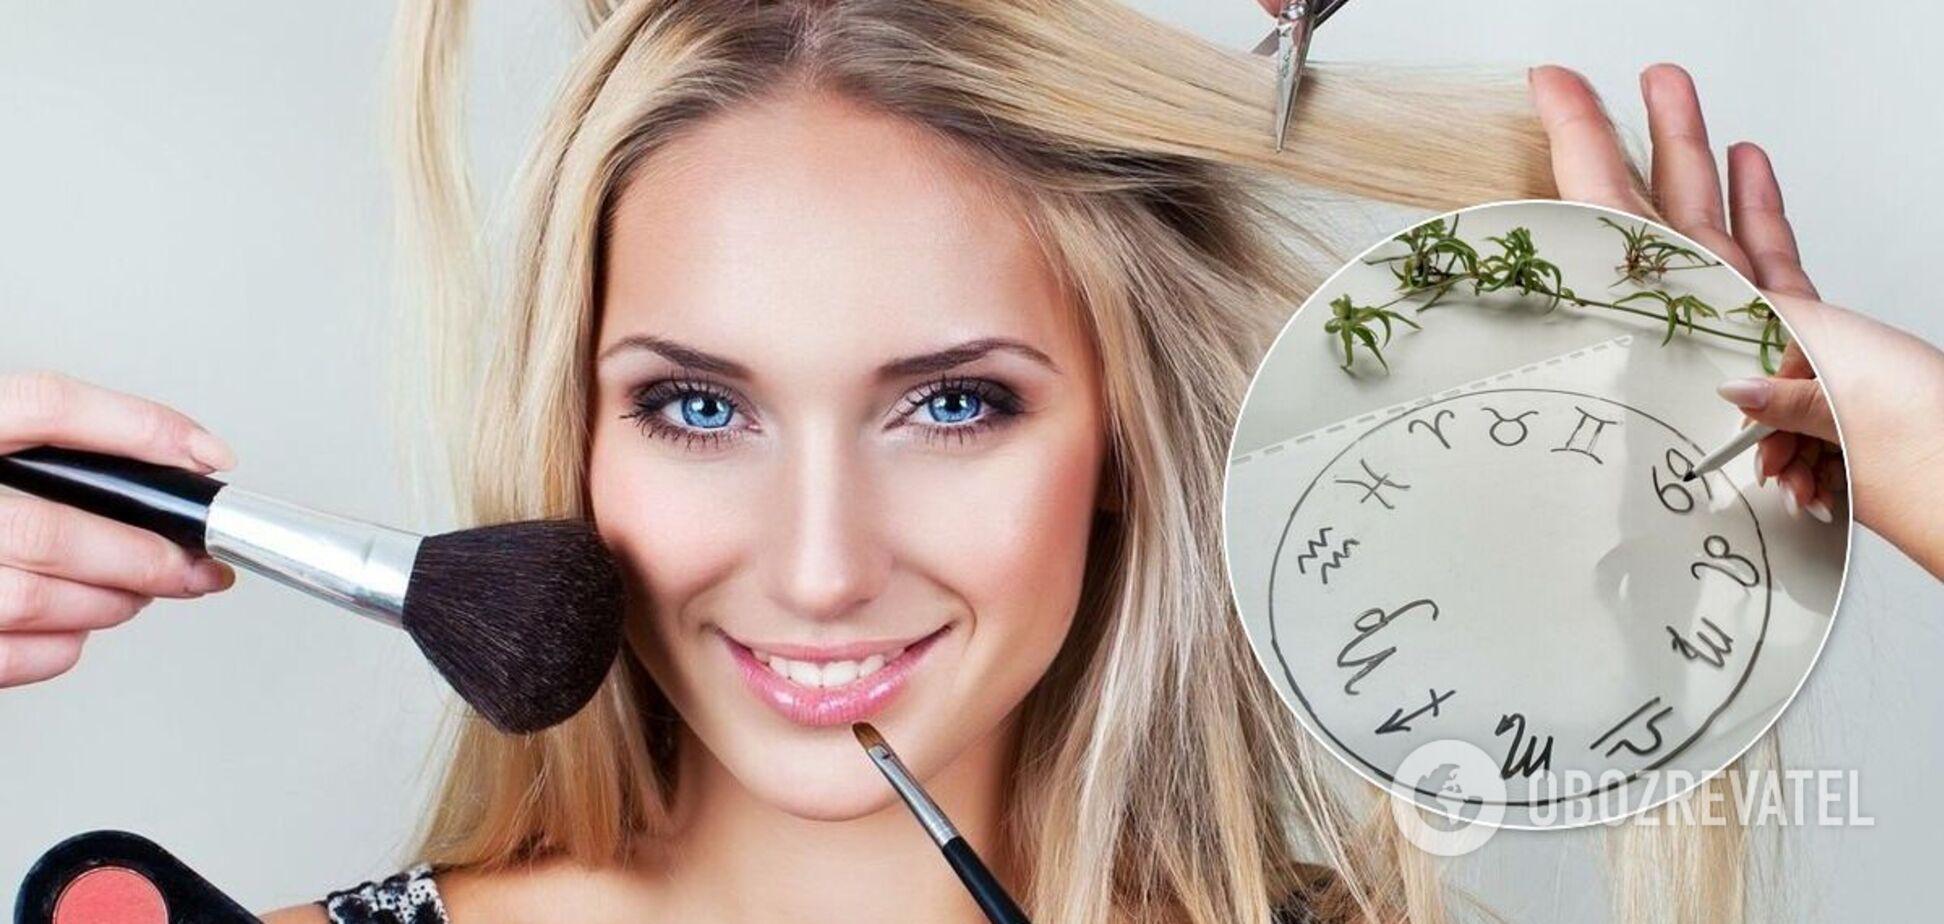 Гороскоп красоты на неделю: когда лучше стричься и ходить к косметологу